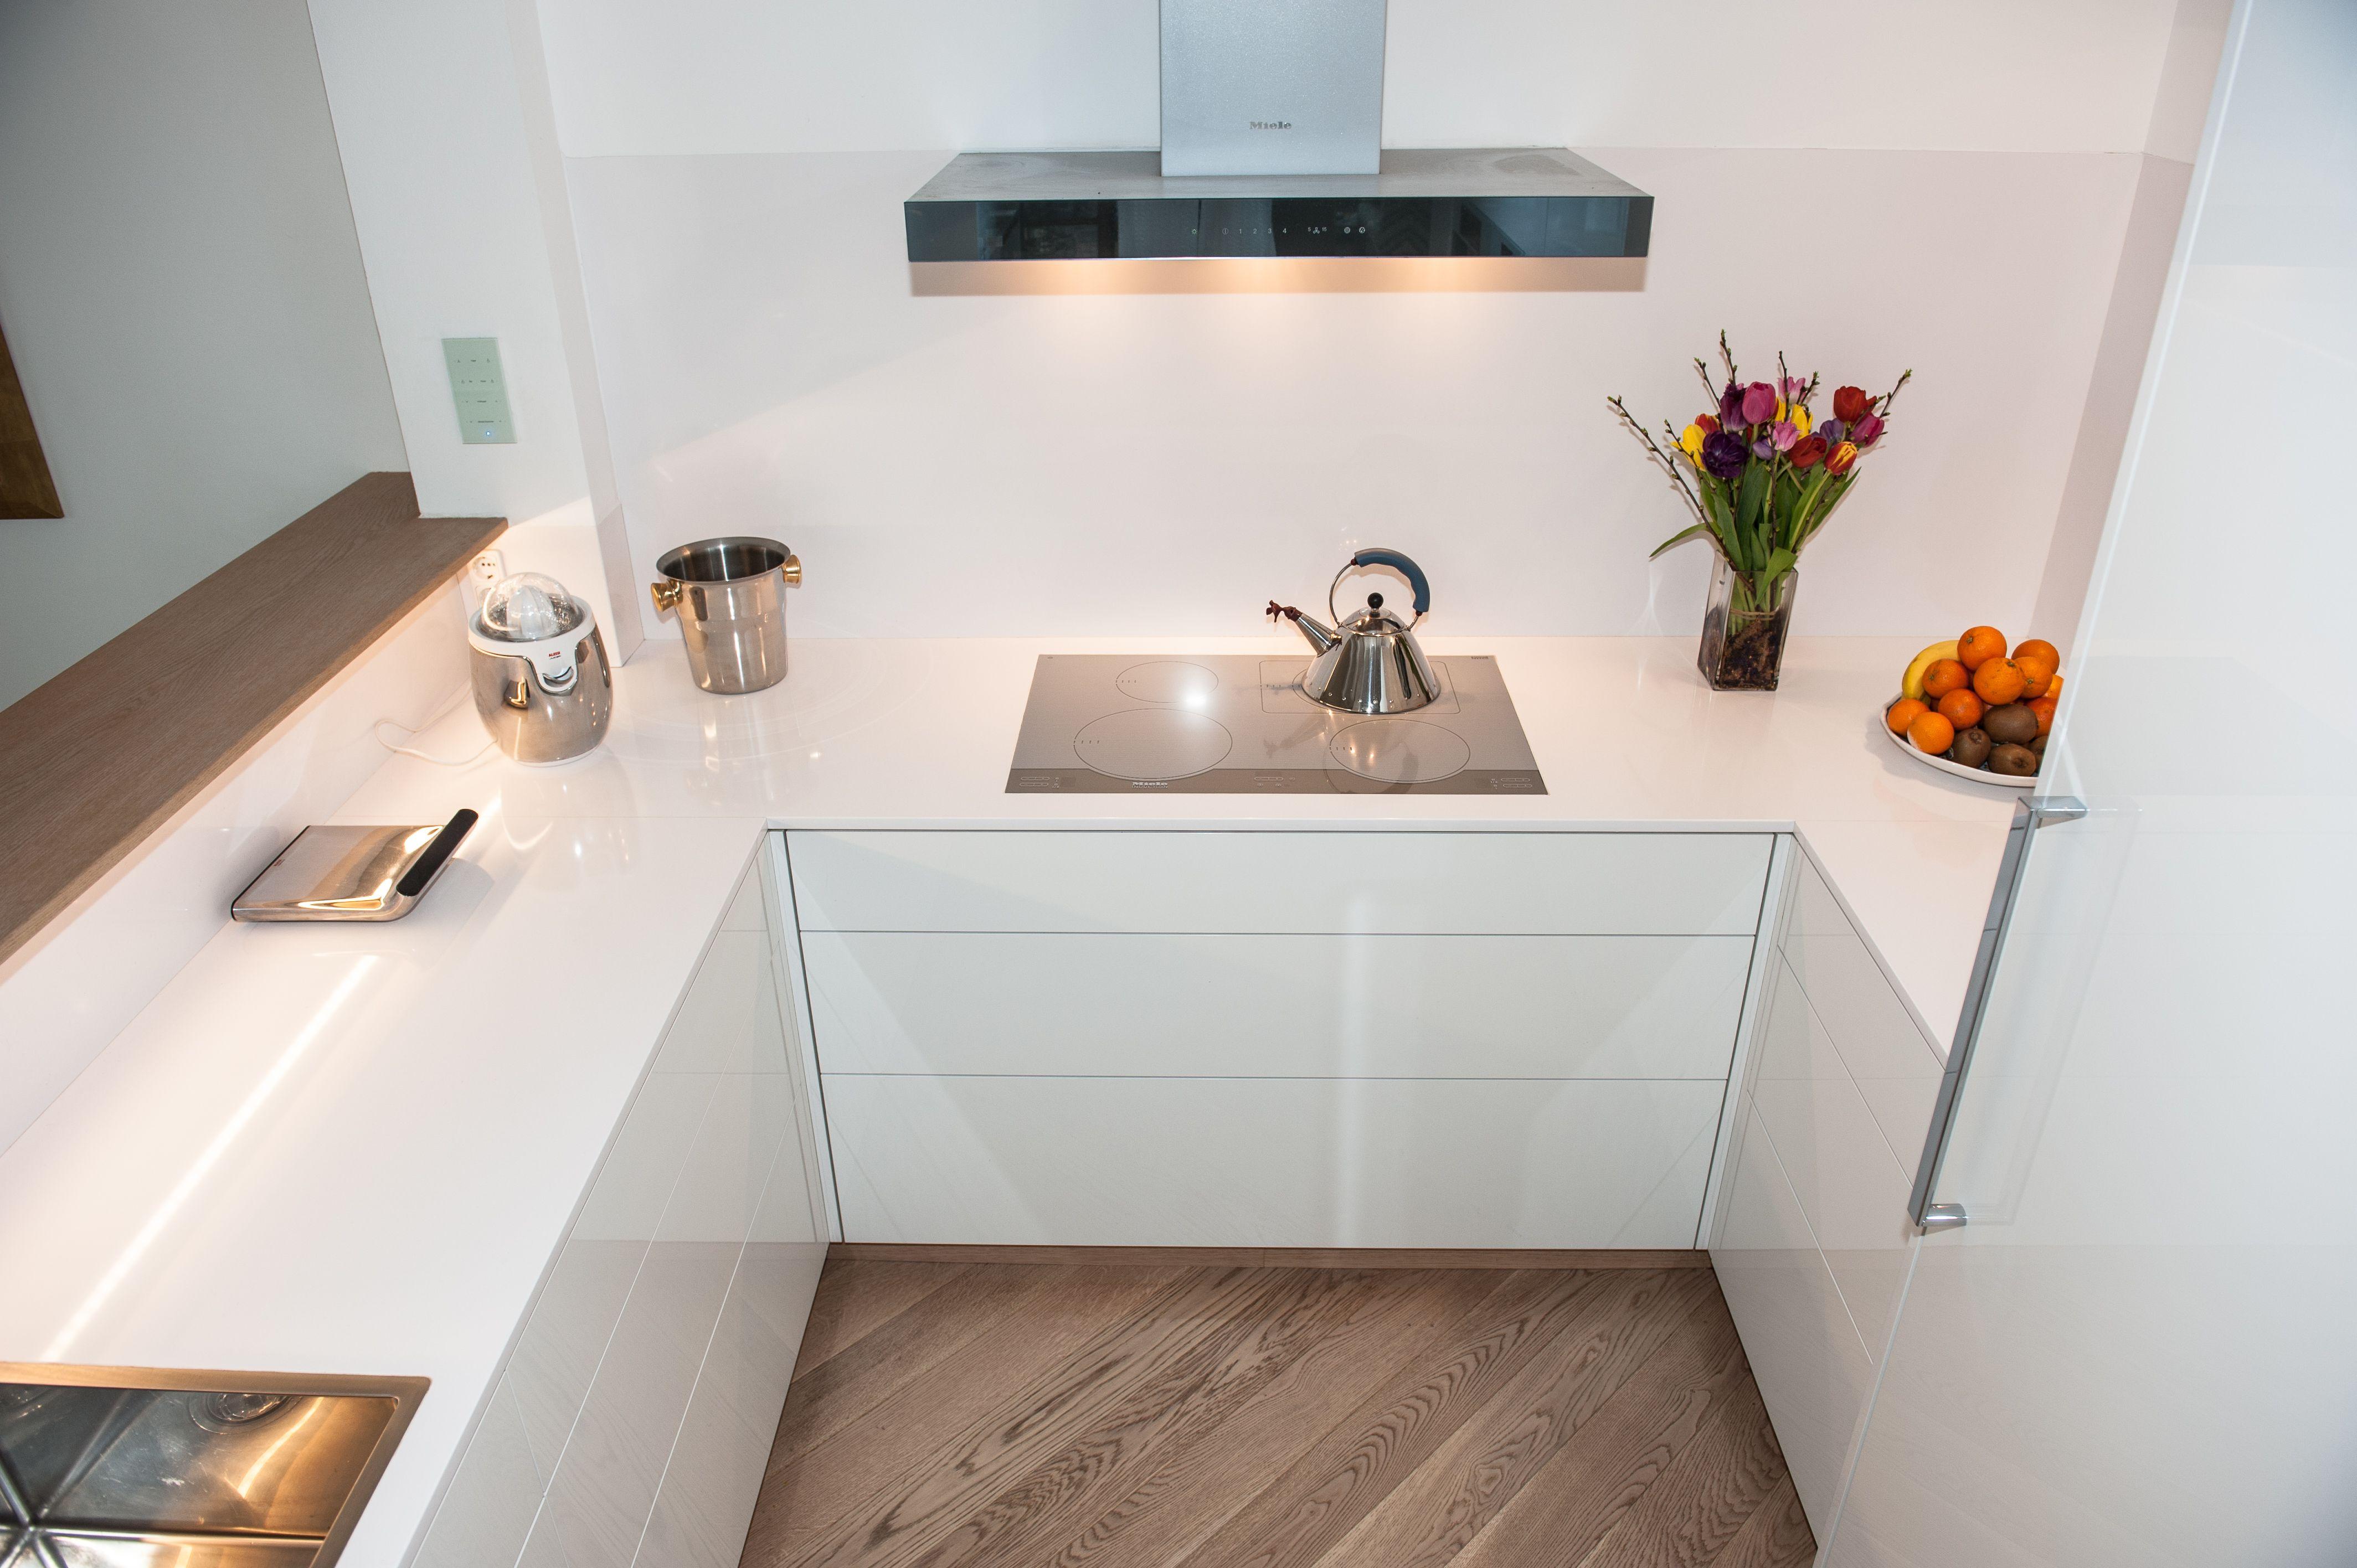 Erfreut Kücheninsel Lichtideen Bilder Bilder - Küchen Design Ideen ...